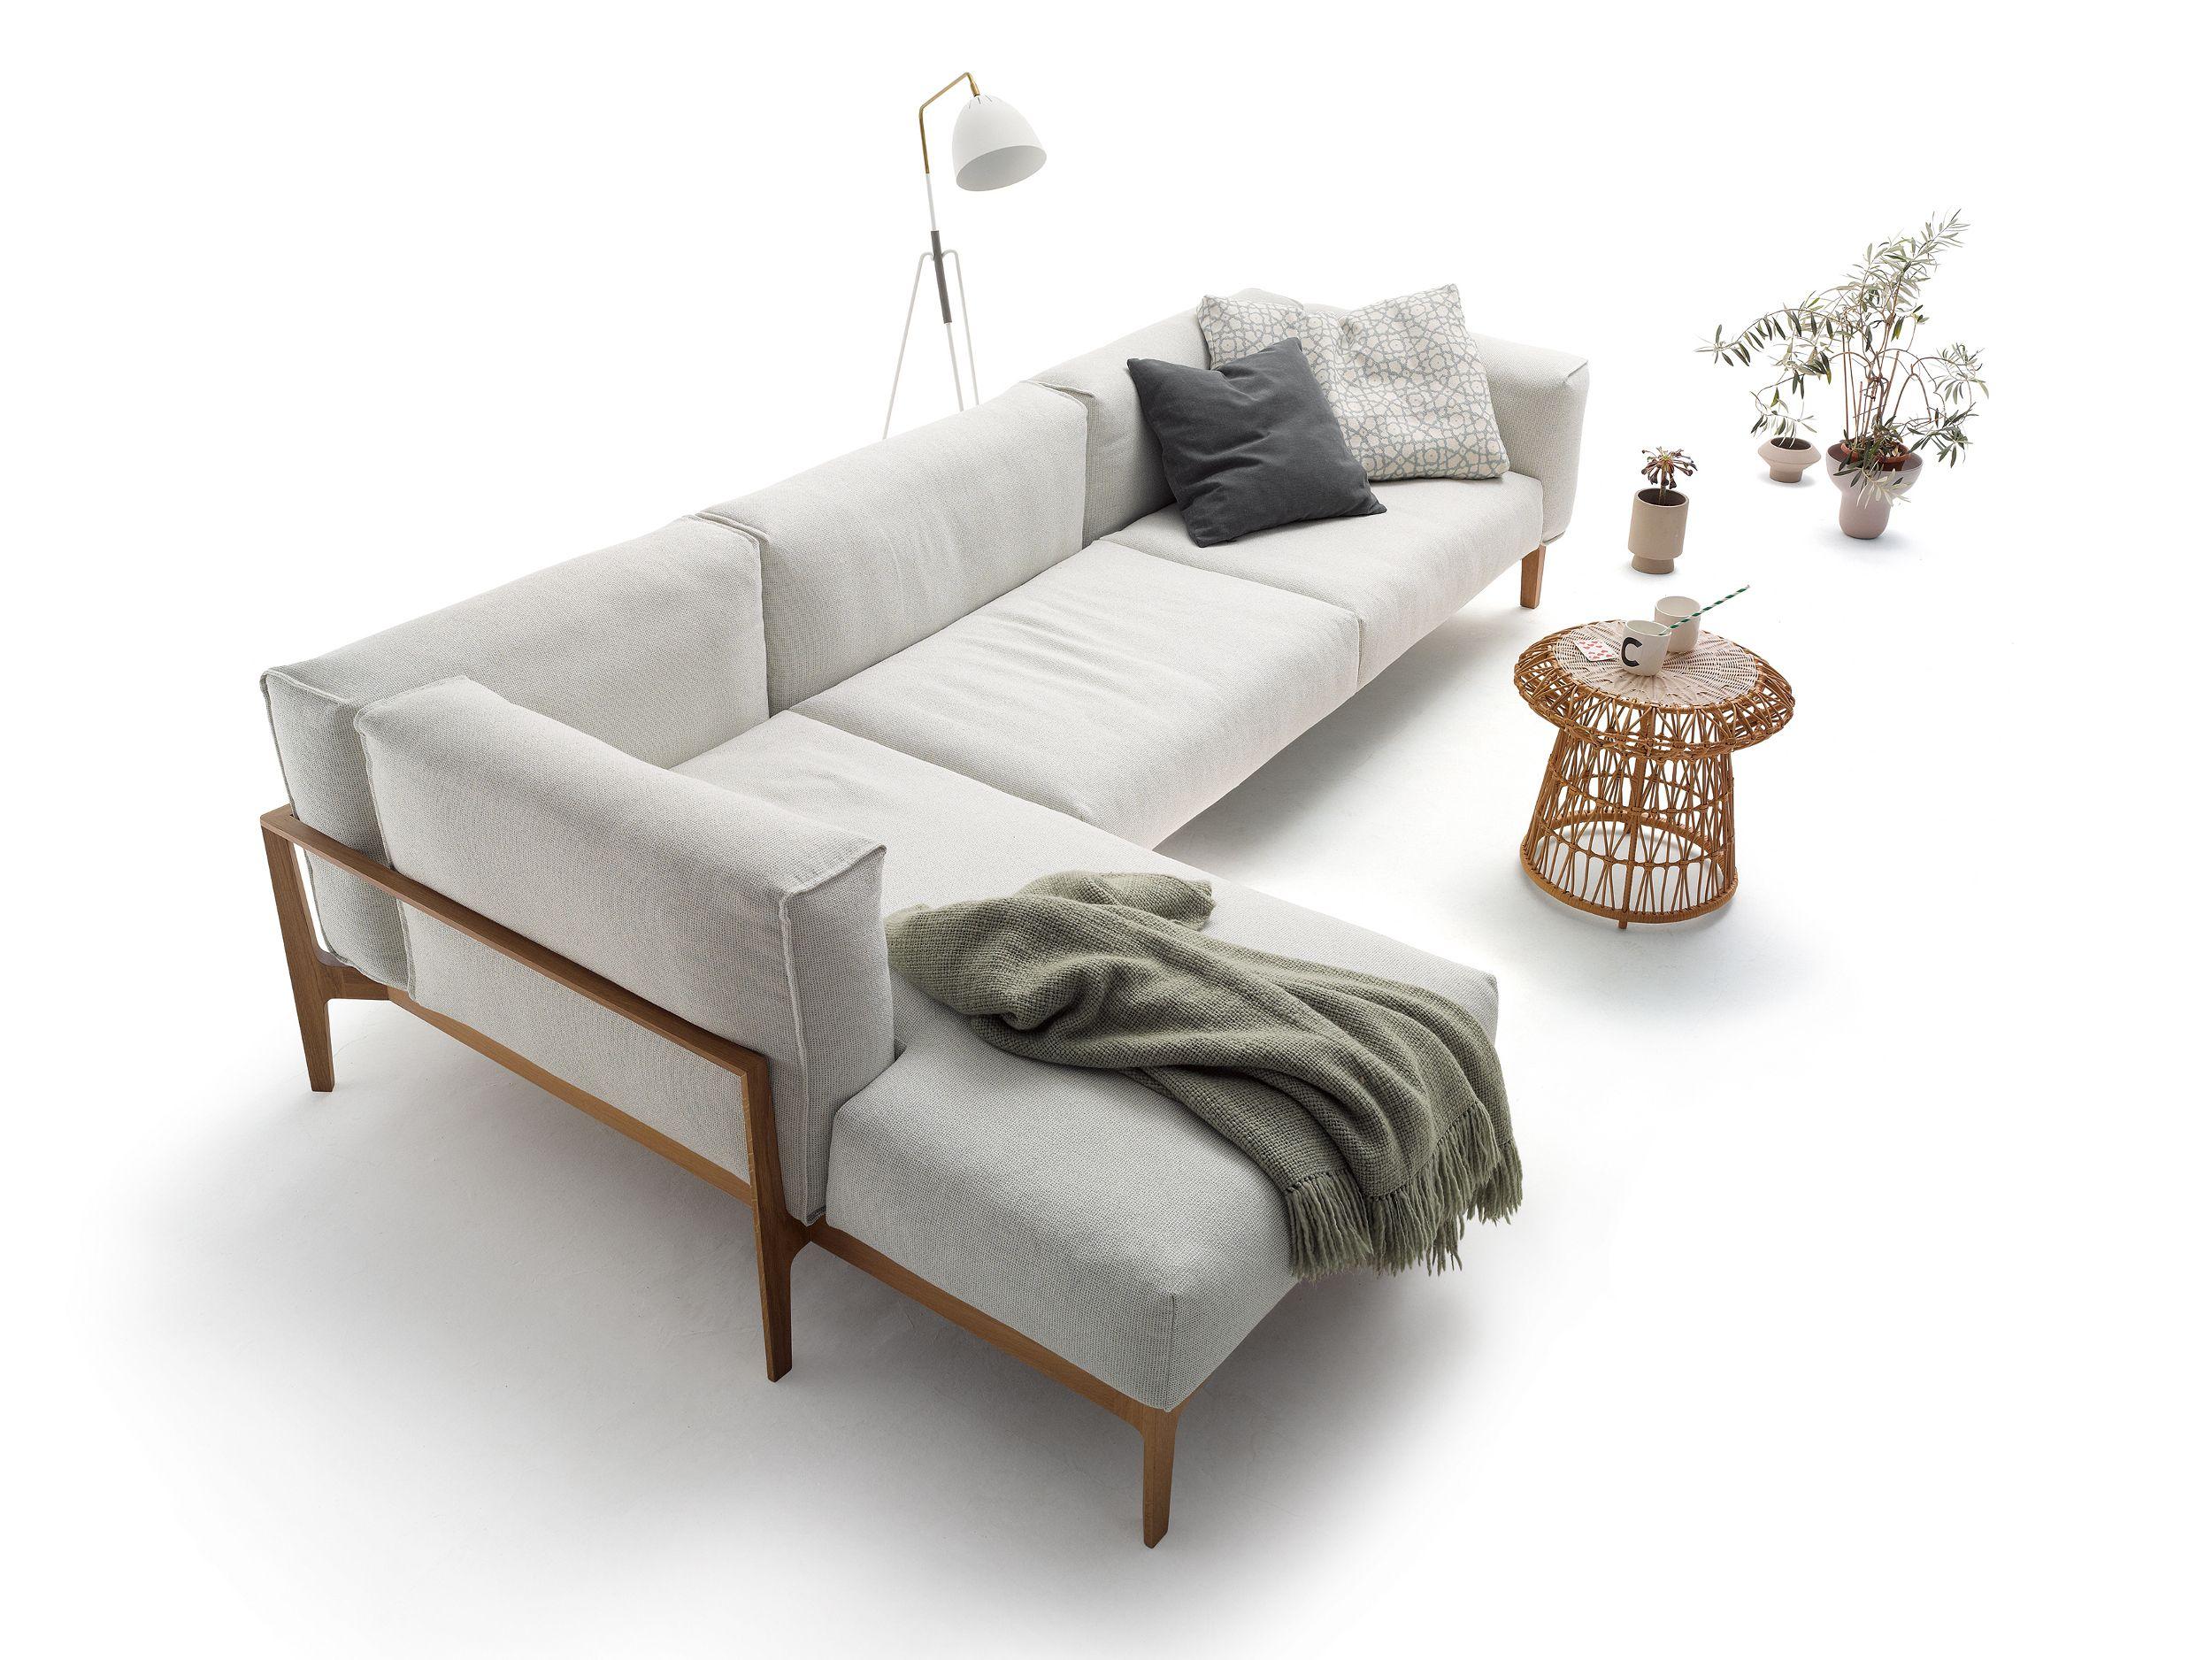 elm corner sofa by cor sitzm bel helmut l bke design jehs laub. Black Bedroom Furniture Sets. Home Design Ideas